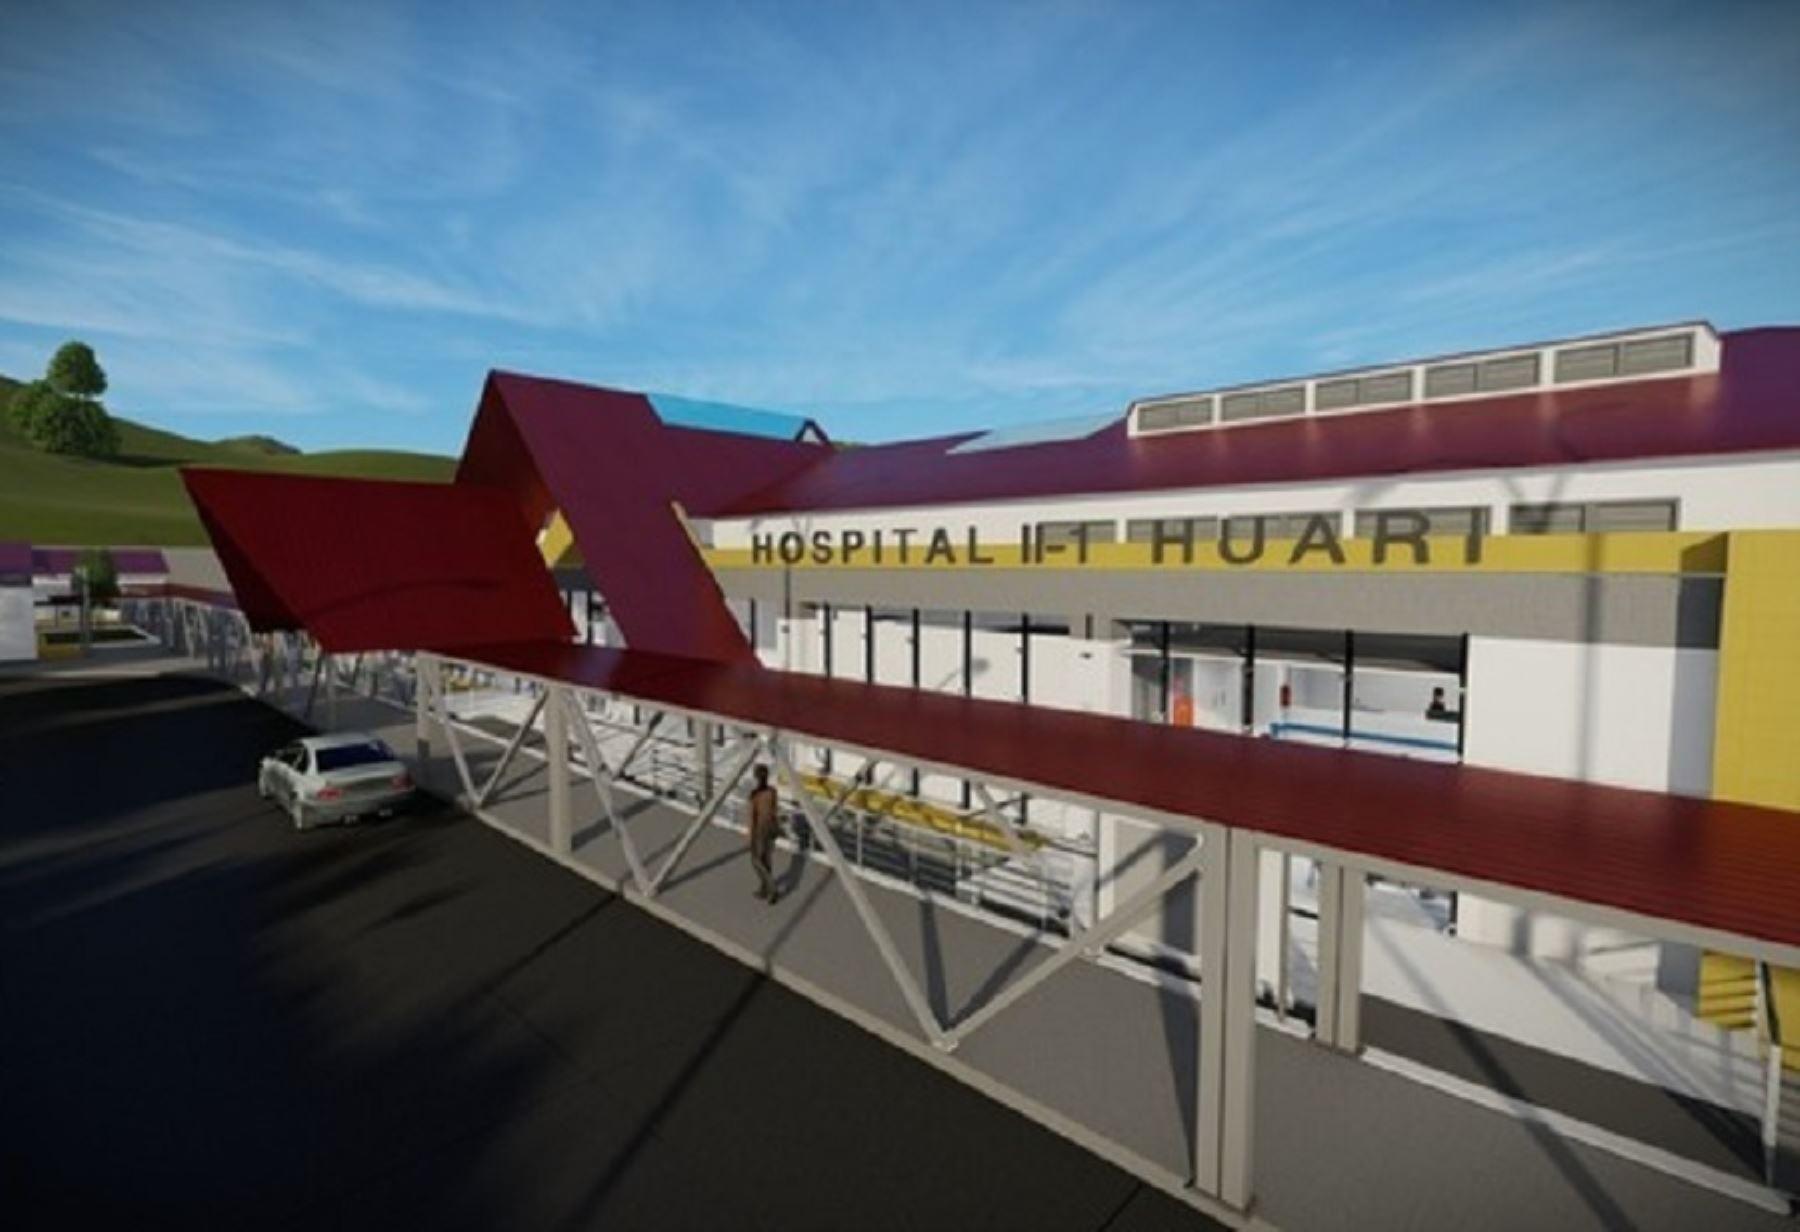 El Ministerio de Salud (Minsa), a través del Programa Nacional de Inversiones en Salud (Pronis), aprobó el expediente técnico que permitirá iniciar la construcción del nuevo Hospital de Huari, situado en el distrito y provincia del mismo nombre, en la región Áncash.